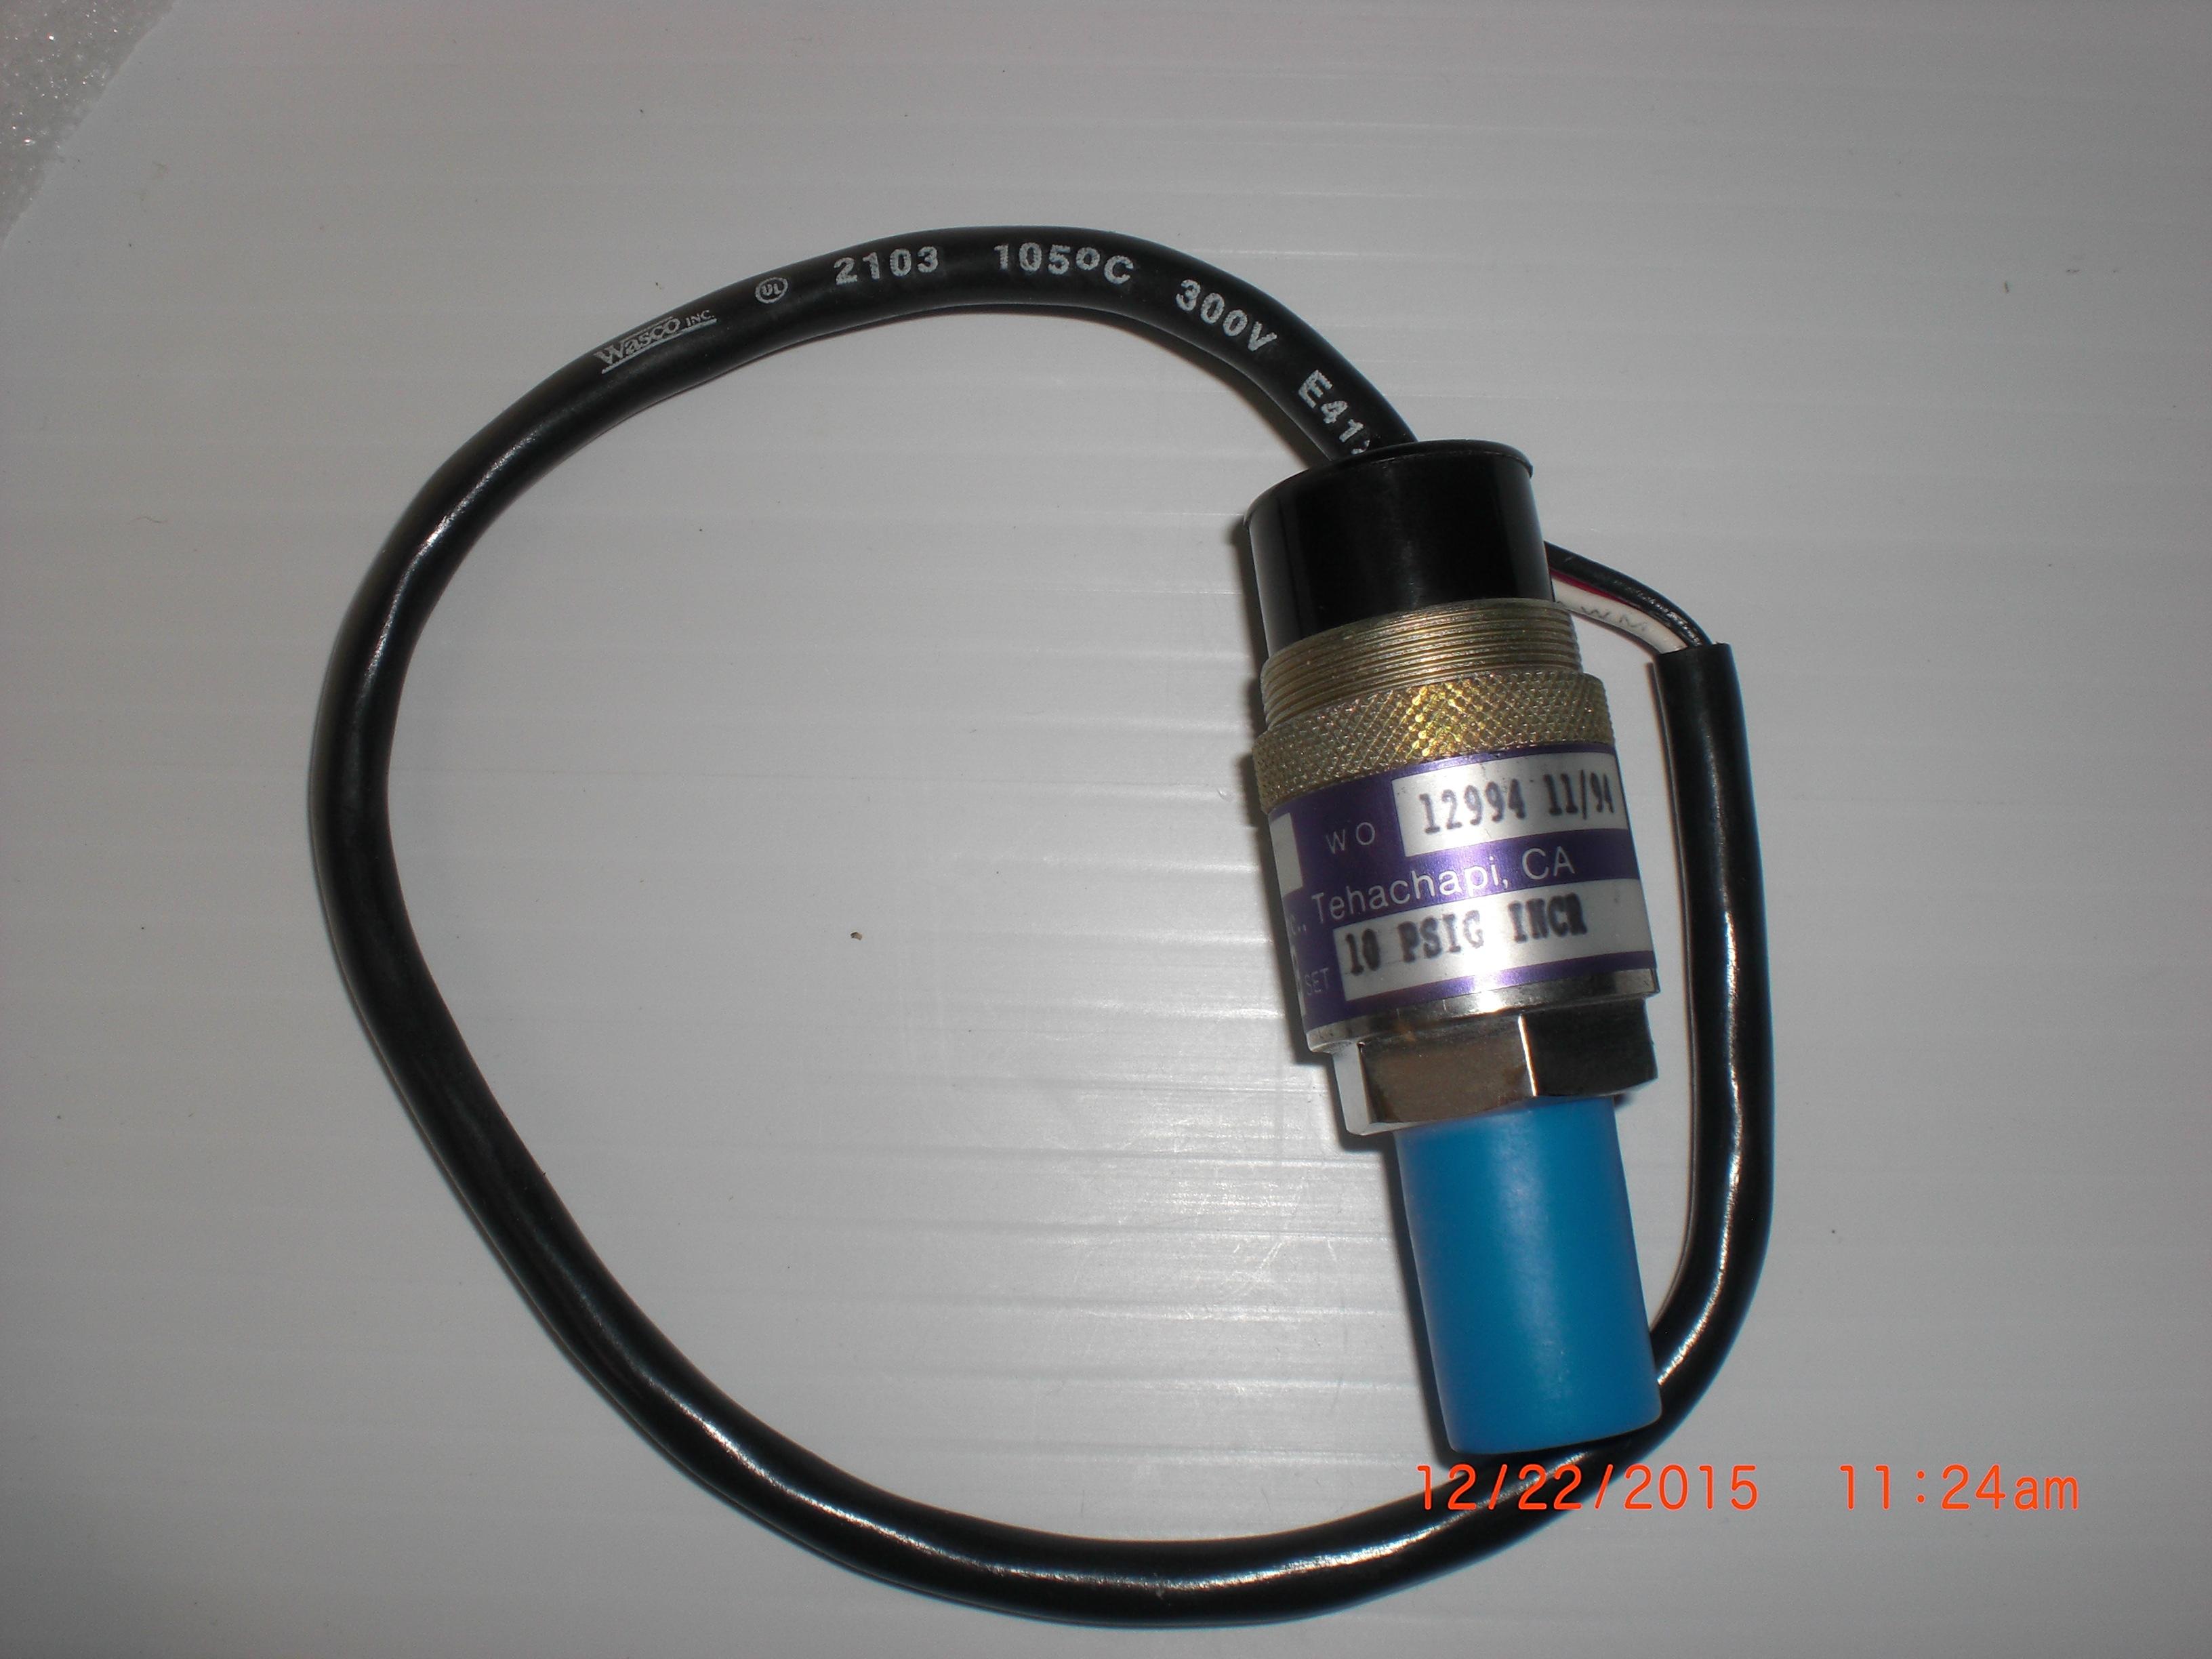 Switch Pressure 10 PSI  1A 115VAC 1/4MVCR Wasco SP129-51W3A/6230